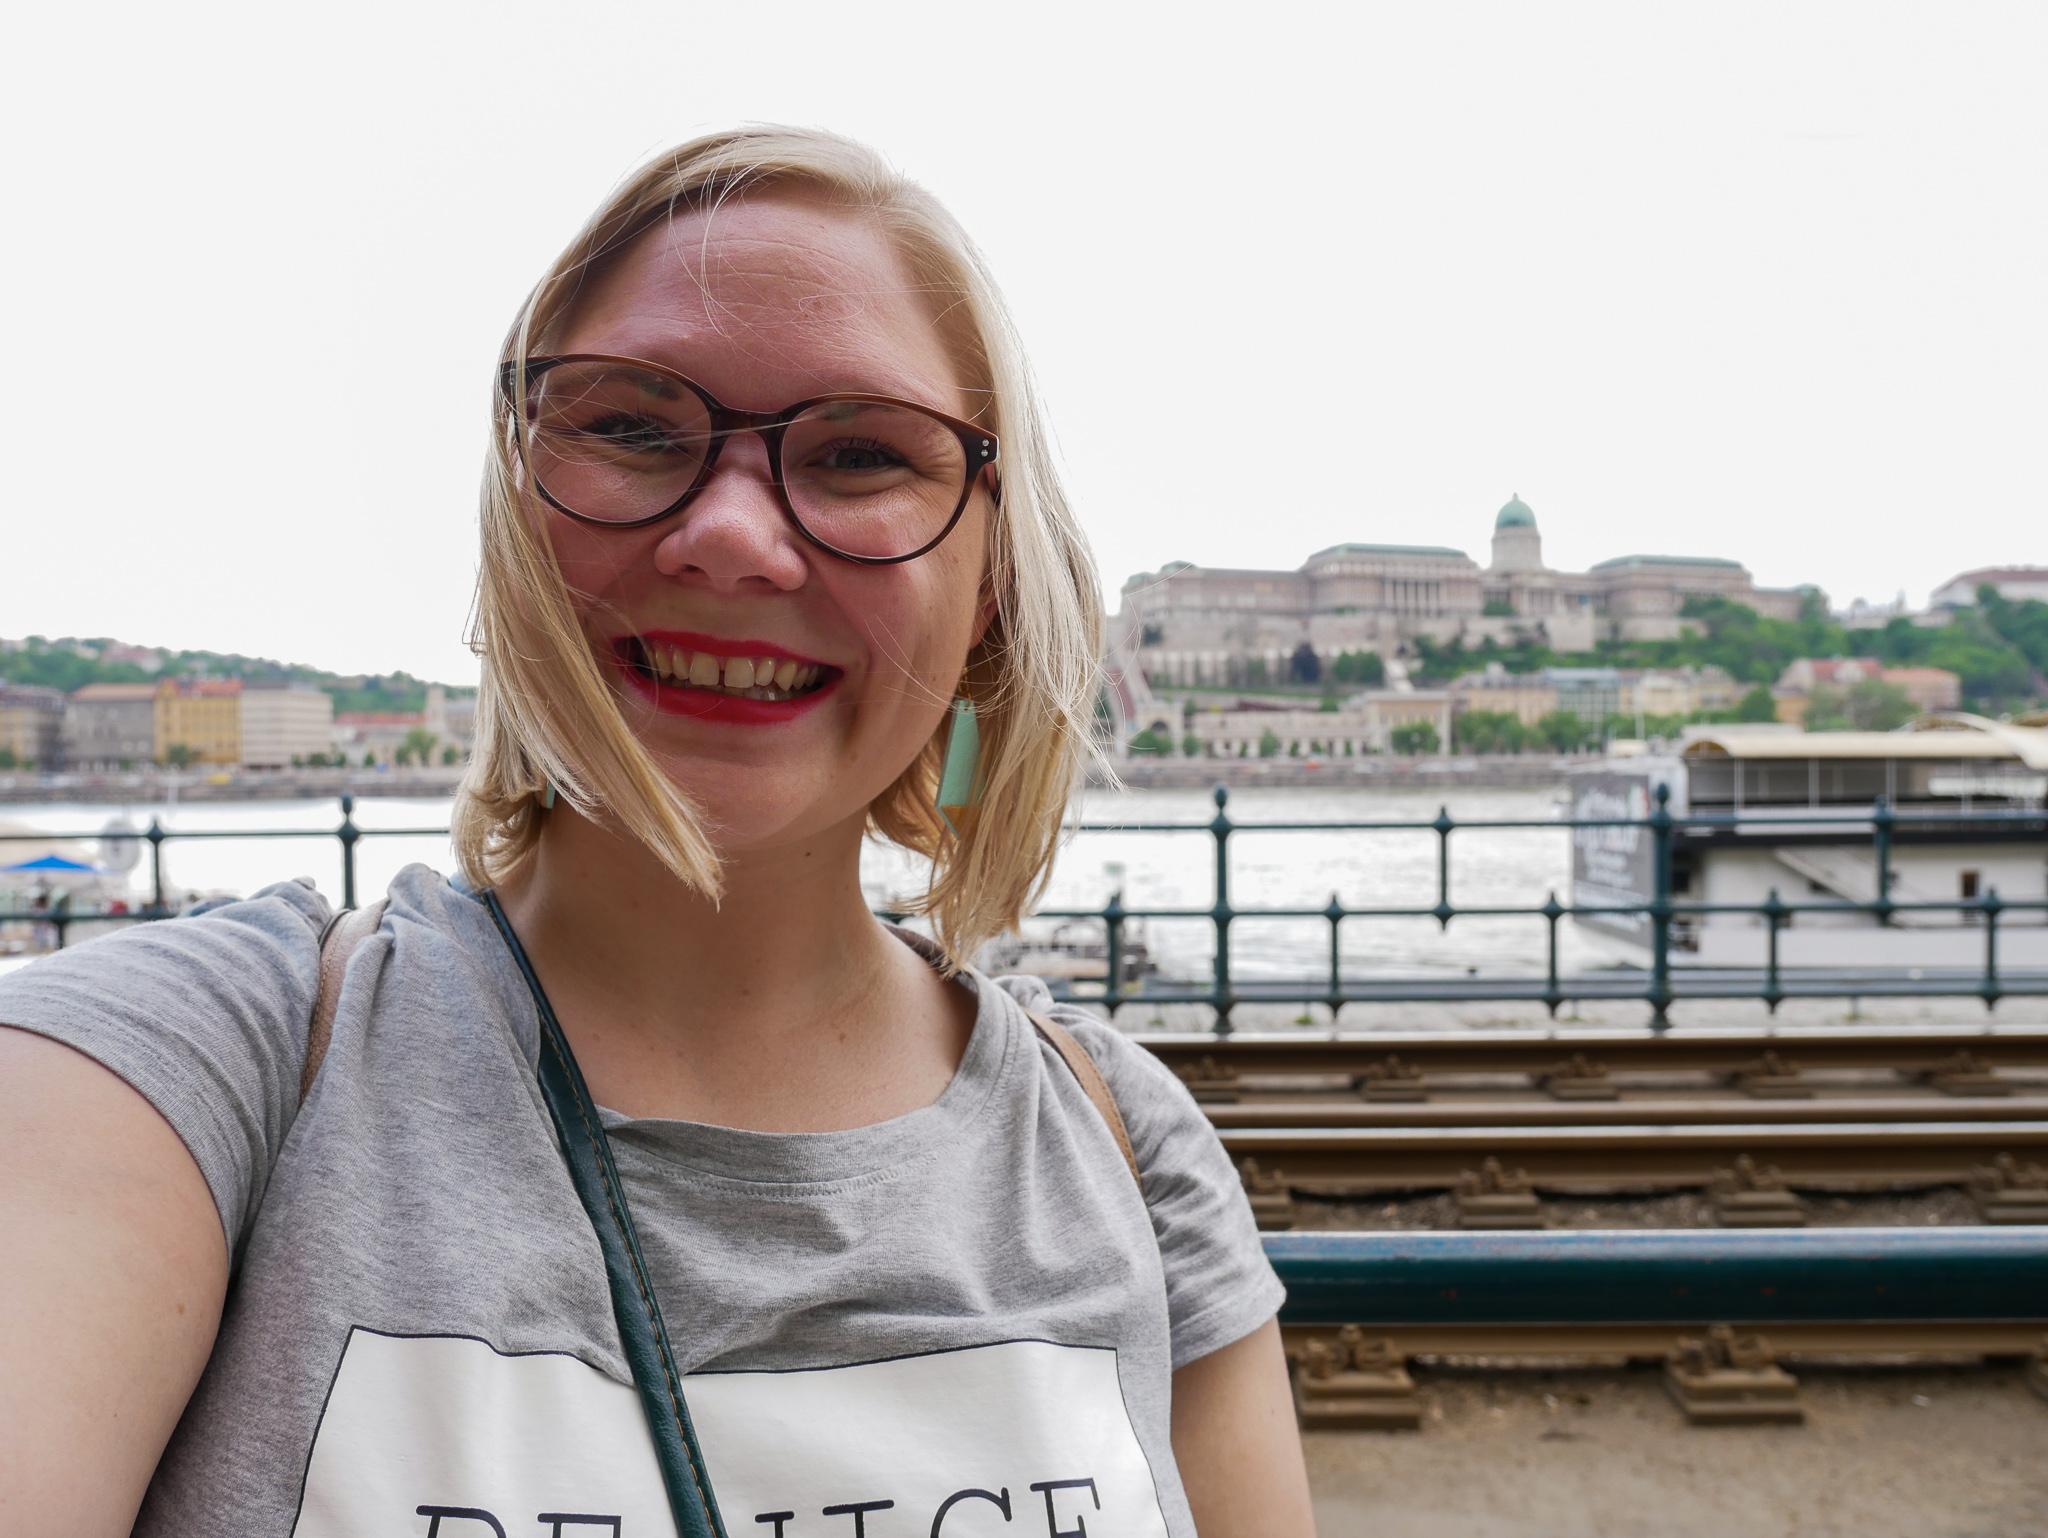 Desperat försök att ta en vettig selfie med den nya kameran i Budapest. Får träna lite på det här tror jag.